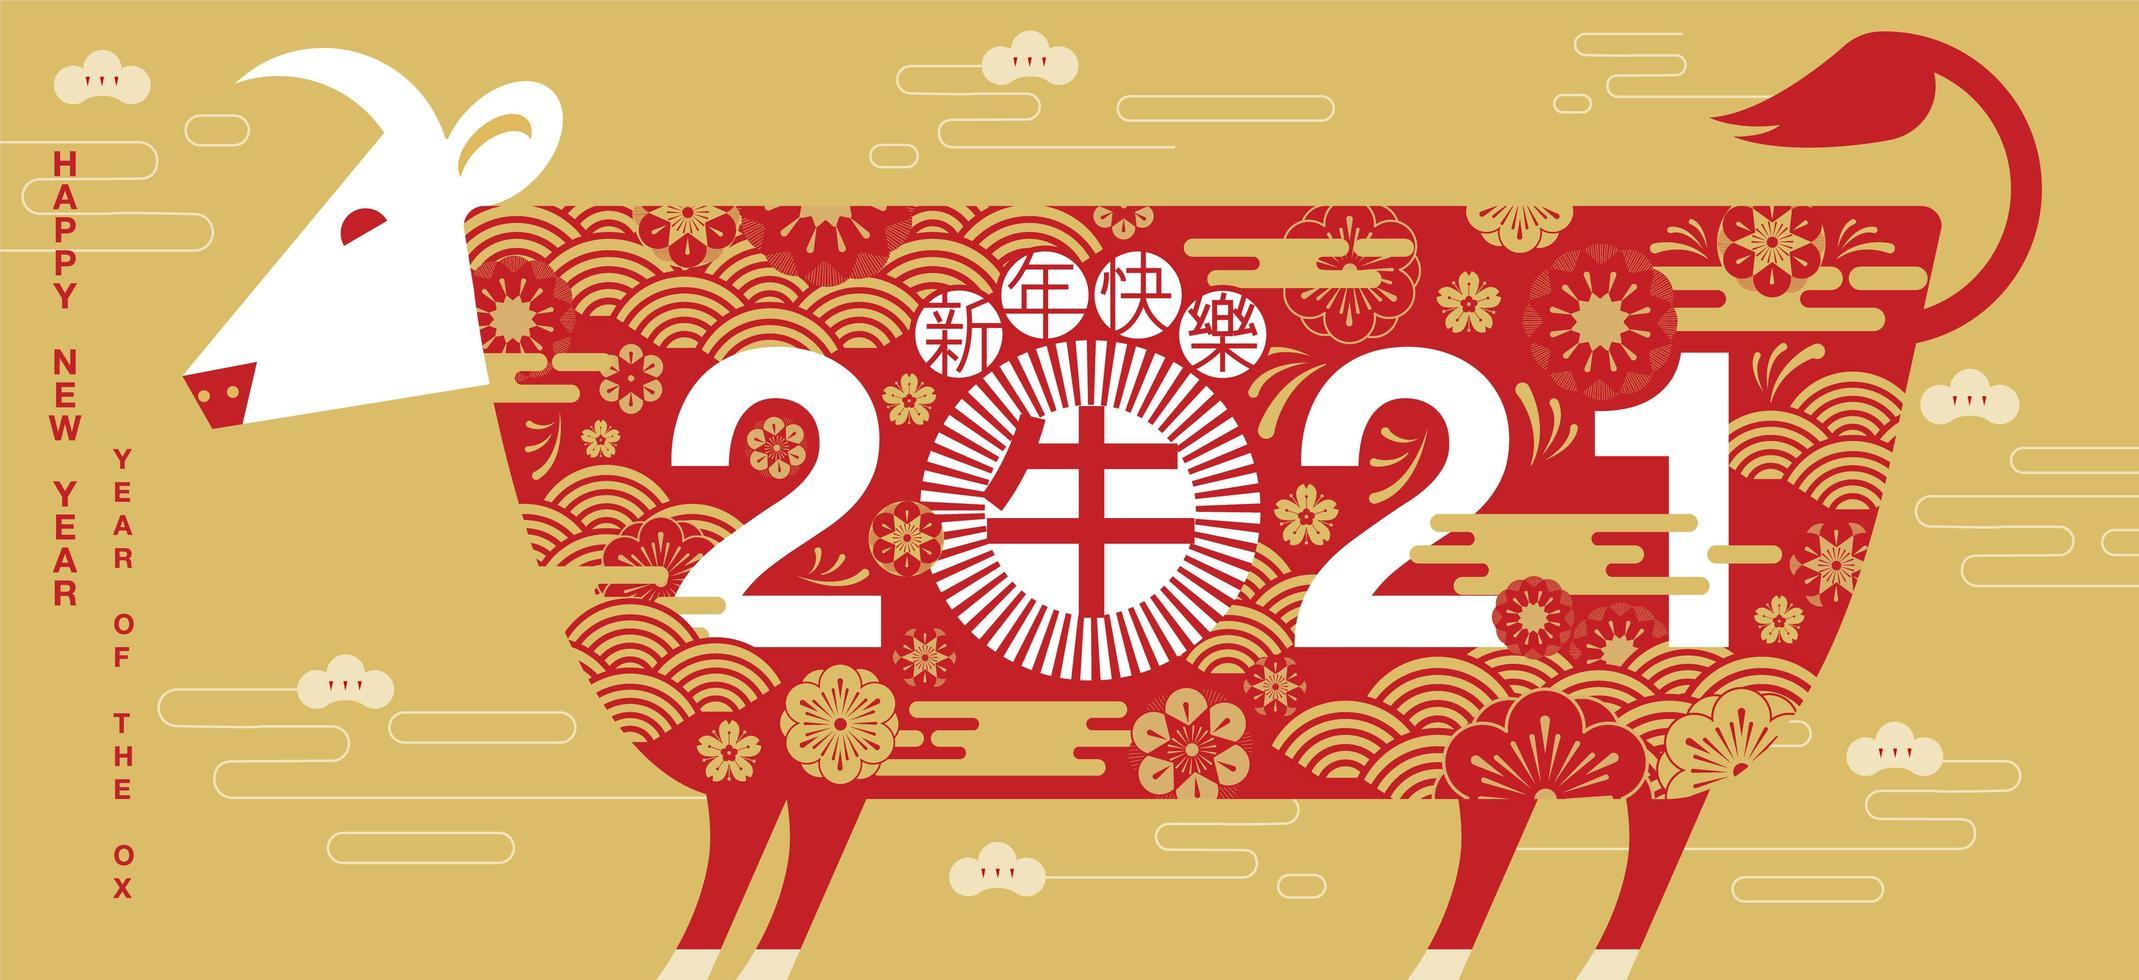 affiche ornementale de boeuf du nouvel an chinois 2021 vecteur